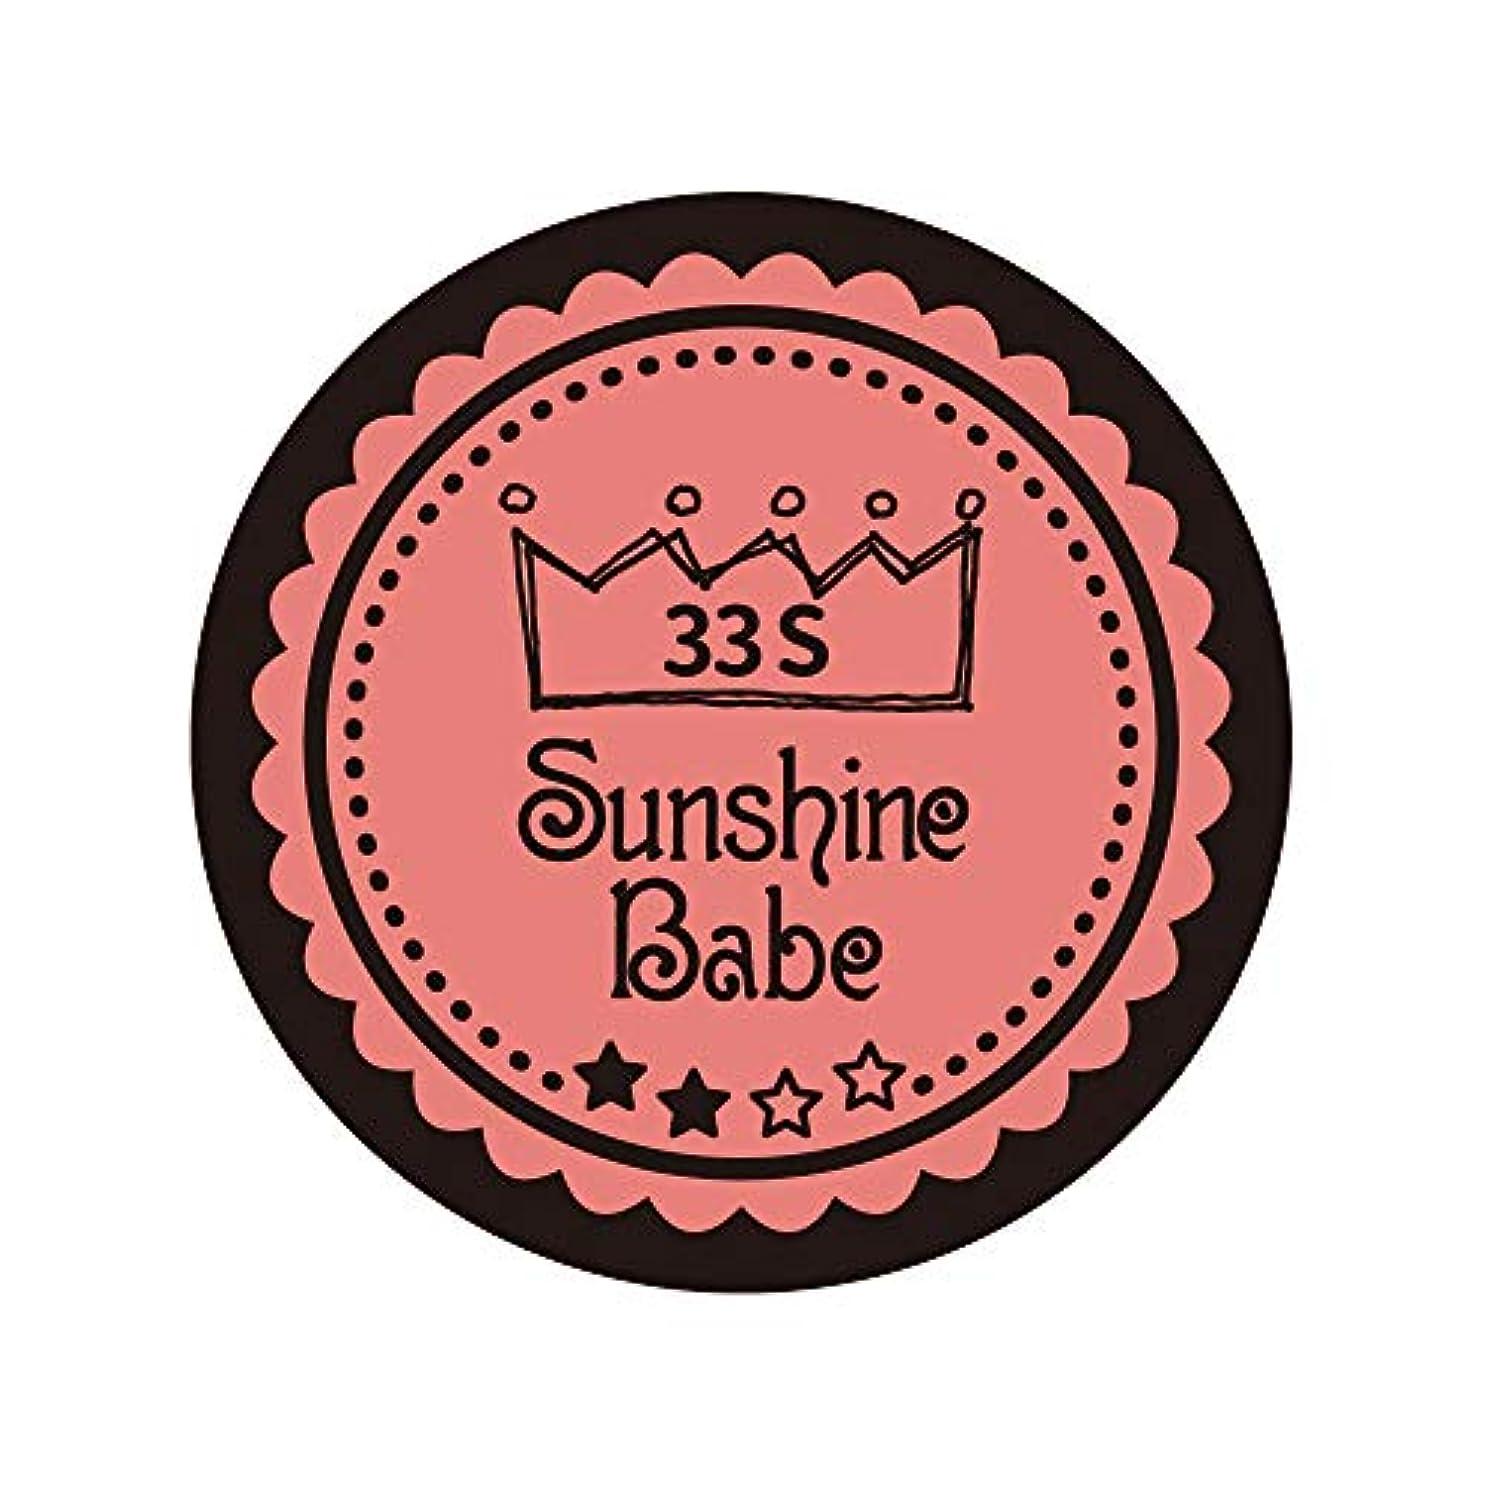 ヒロイン負ベルSunshine Babe カラージェル 33S ベイクドコーラルピンク 2.7g UV/LED対応